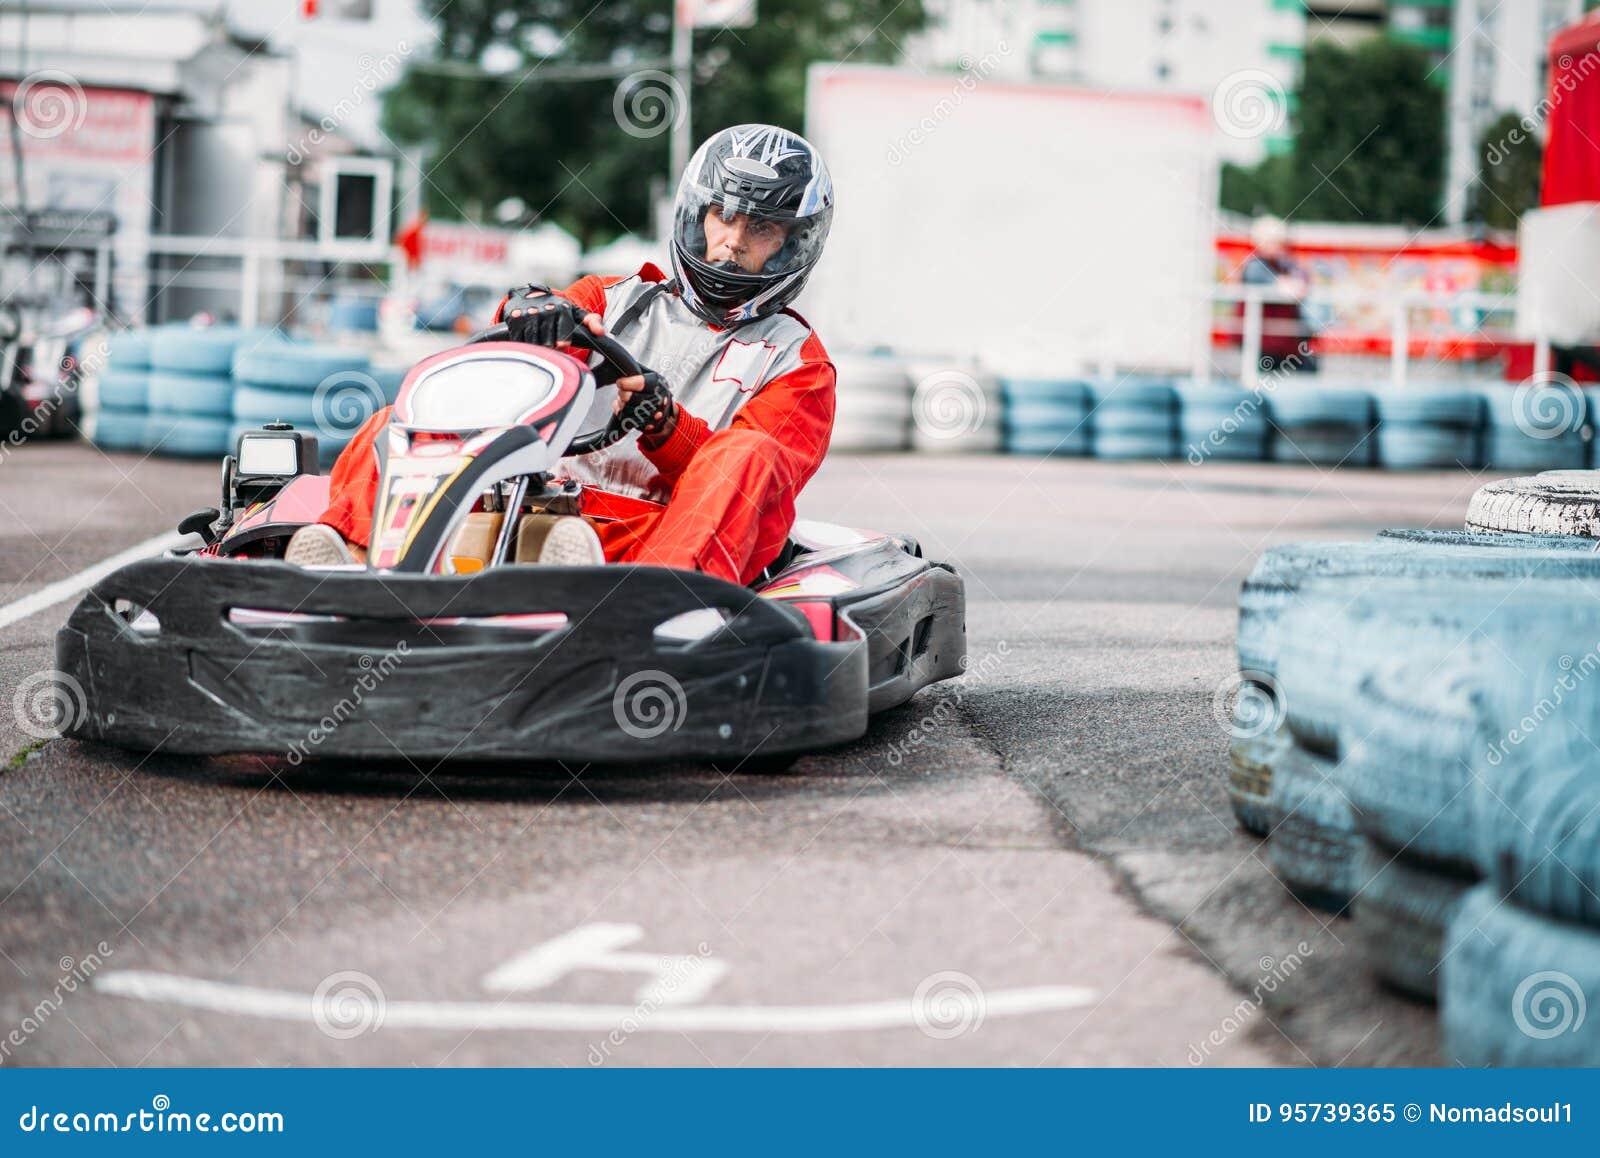 El corredor de Karting en la acción, va competencia del kart